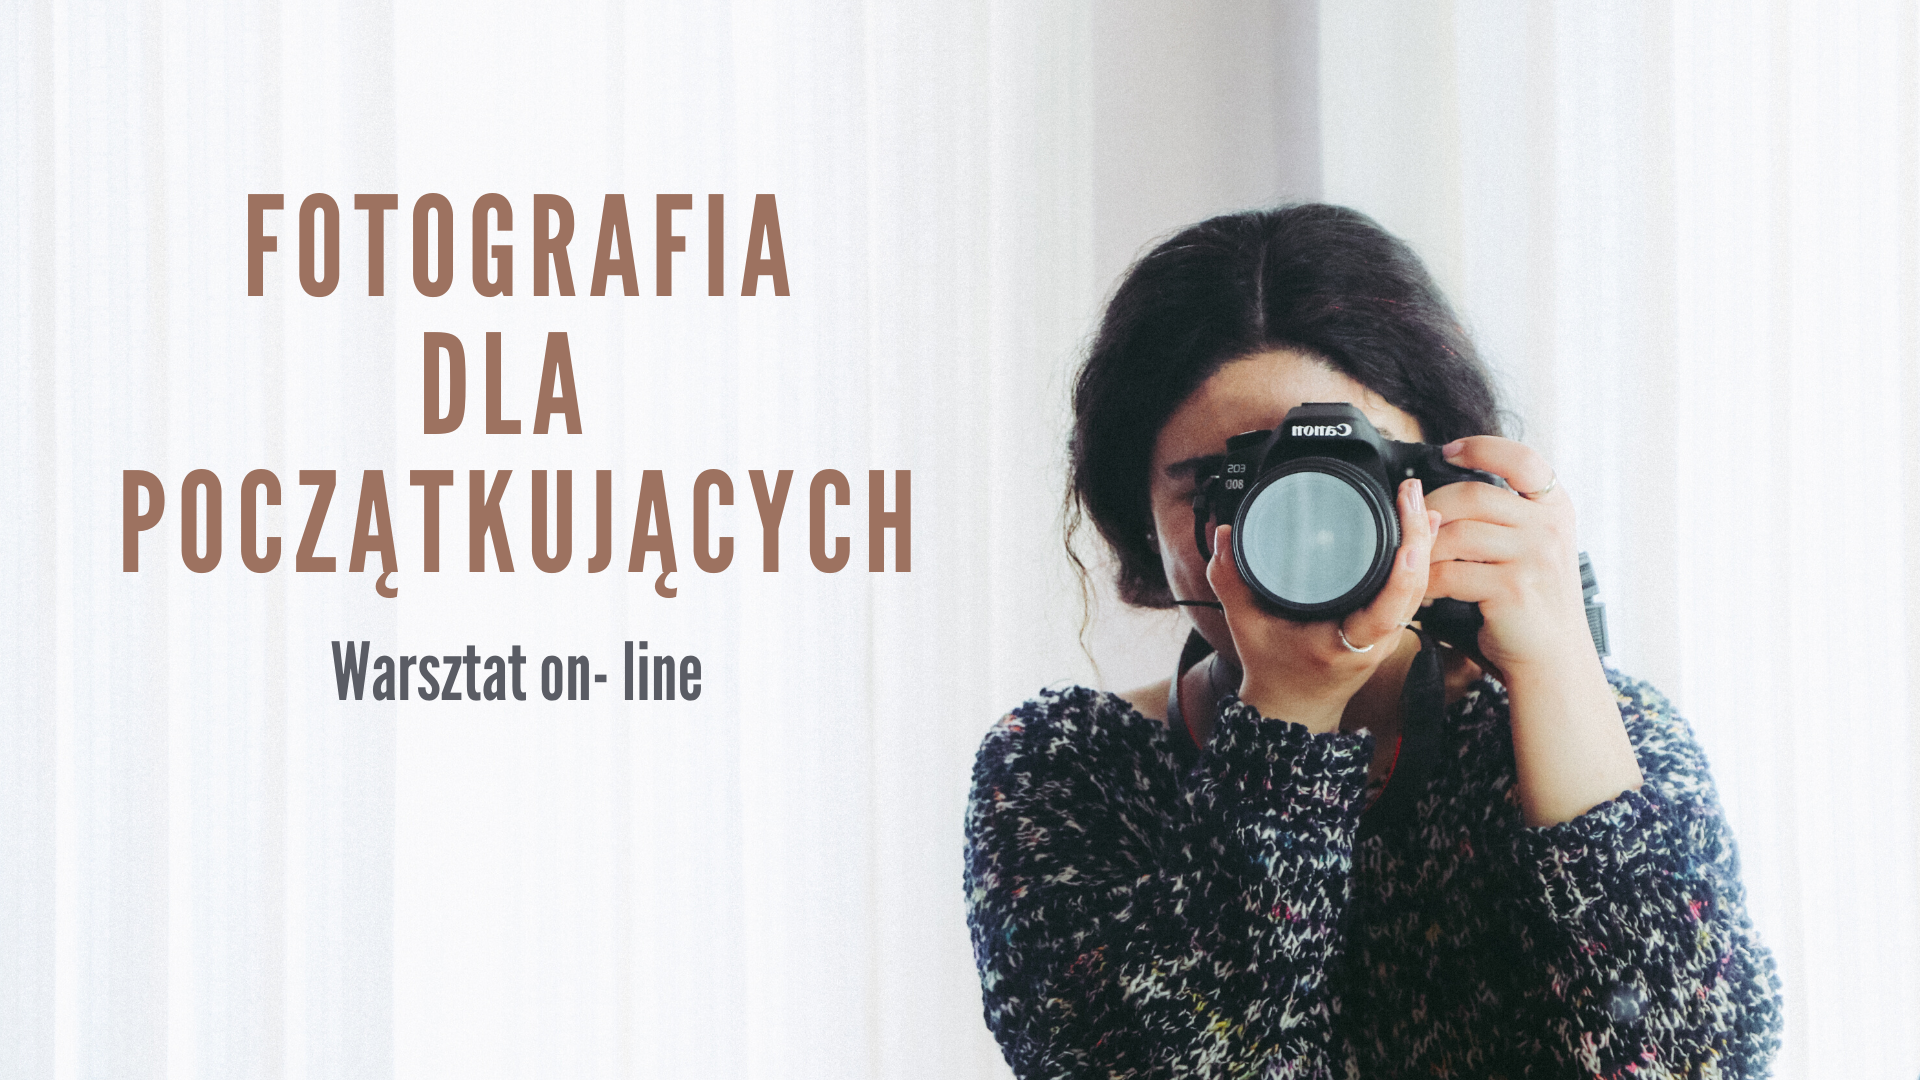 1fotografia dla początkujących